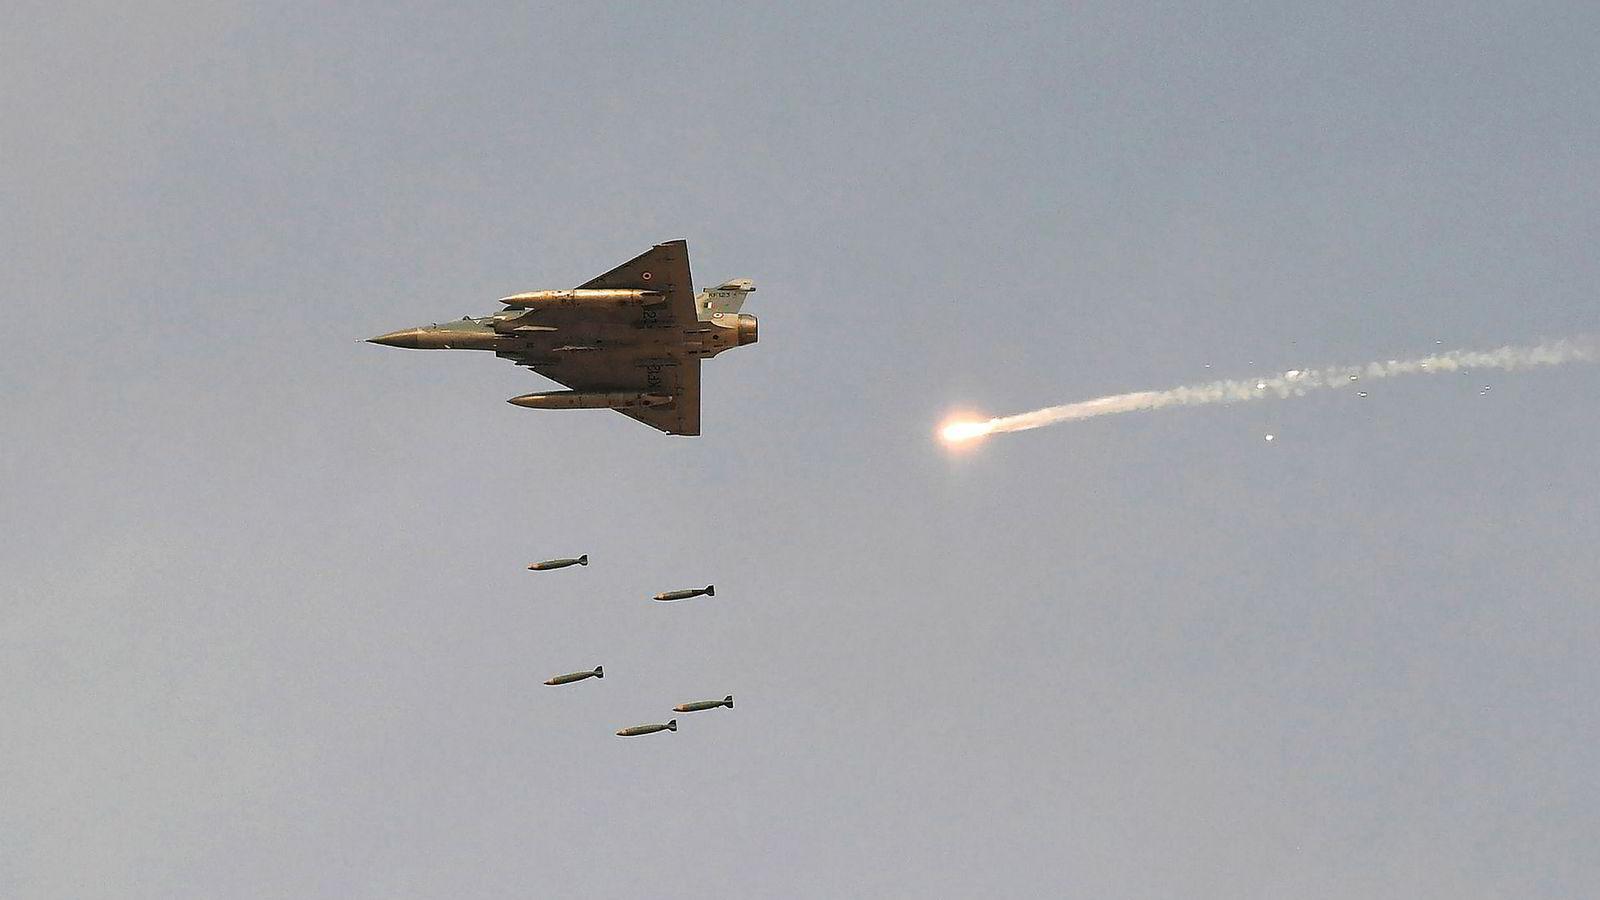 俄空军基地被毁 印度空军司令放狠话:只等一声令下,将摧毁40个巴基斯坦基地